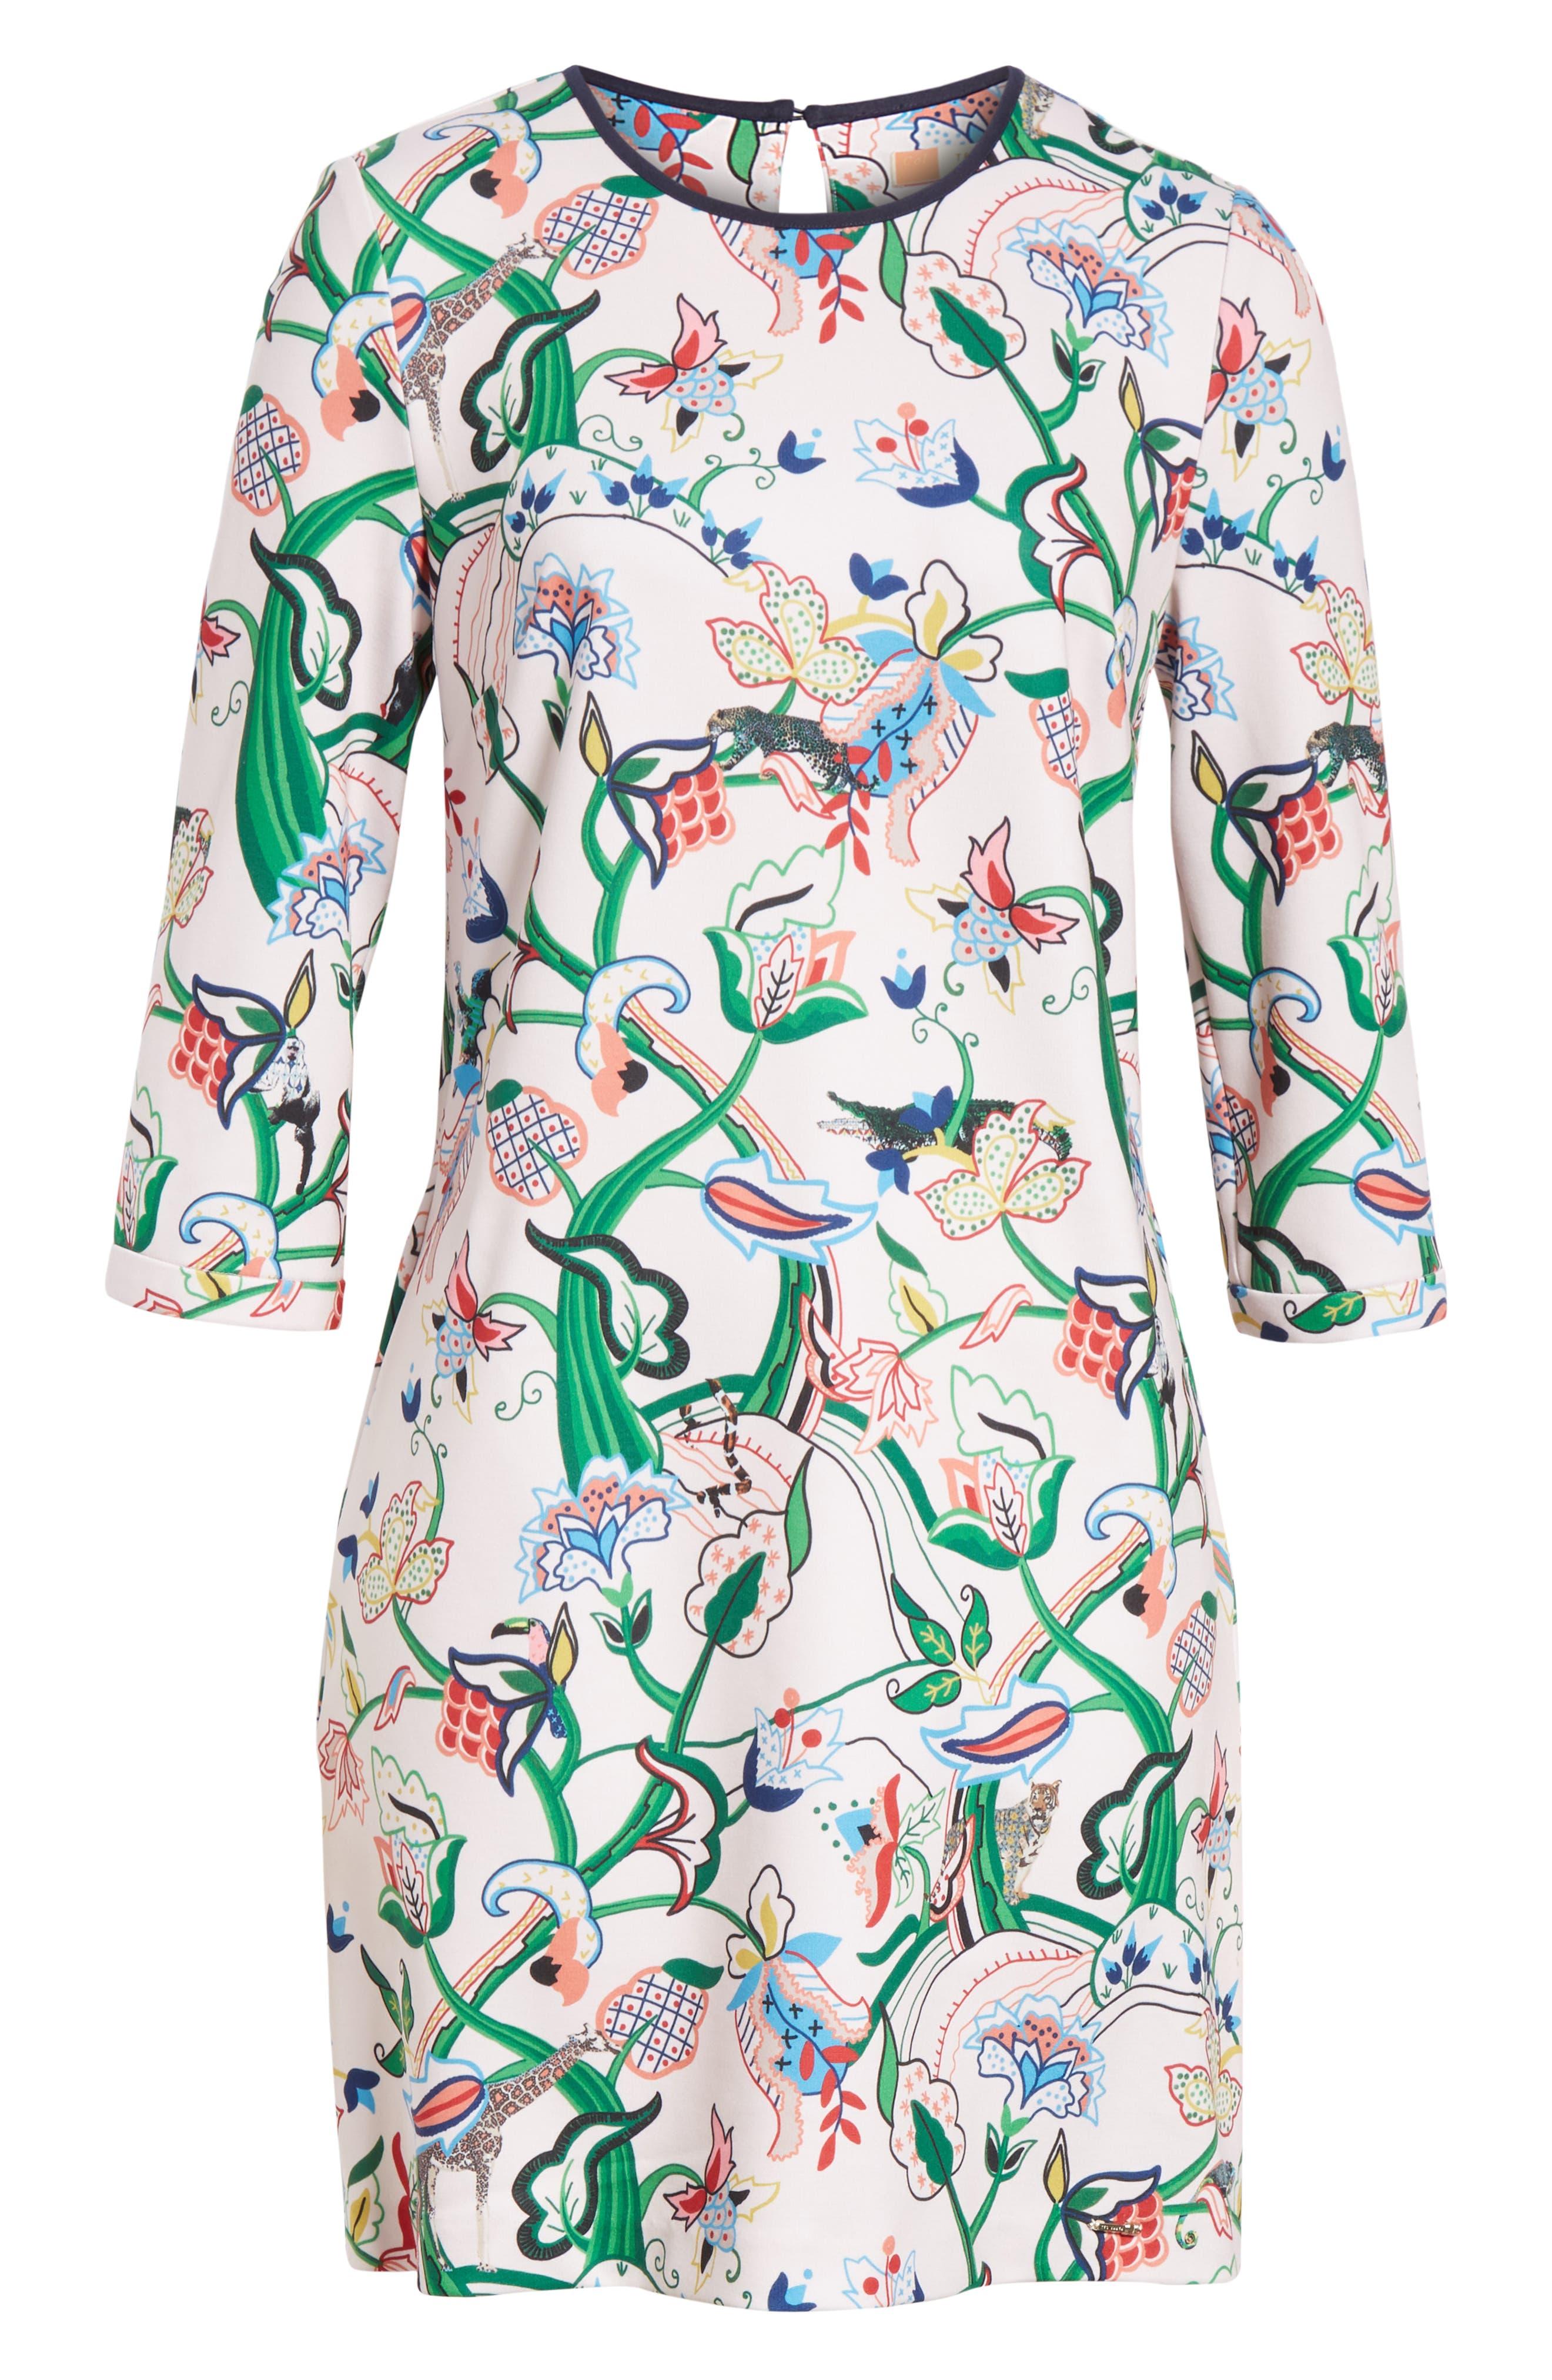 Volca Jungle Print Shift Dress,                             Alternate thumbnail 6, color,                             652